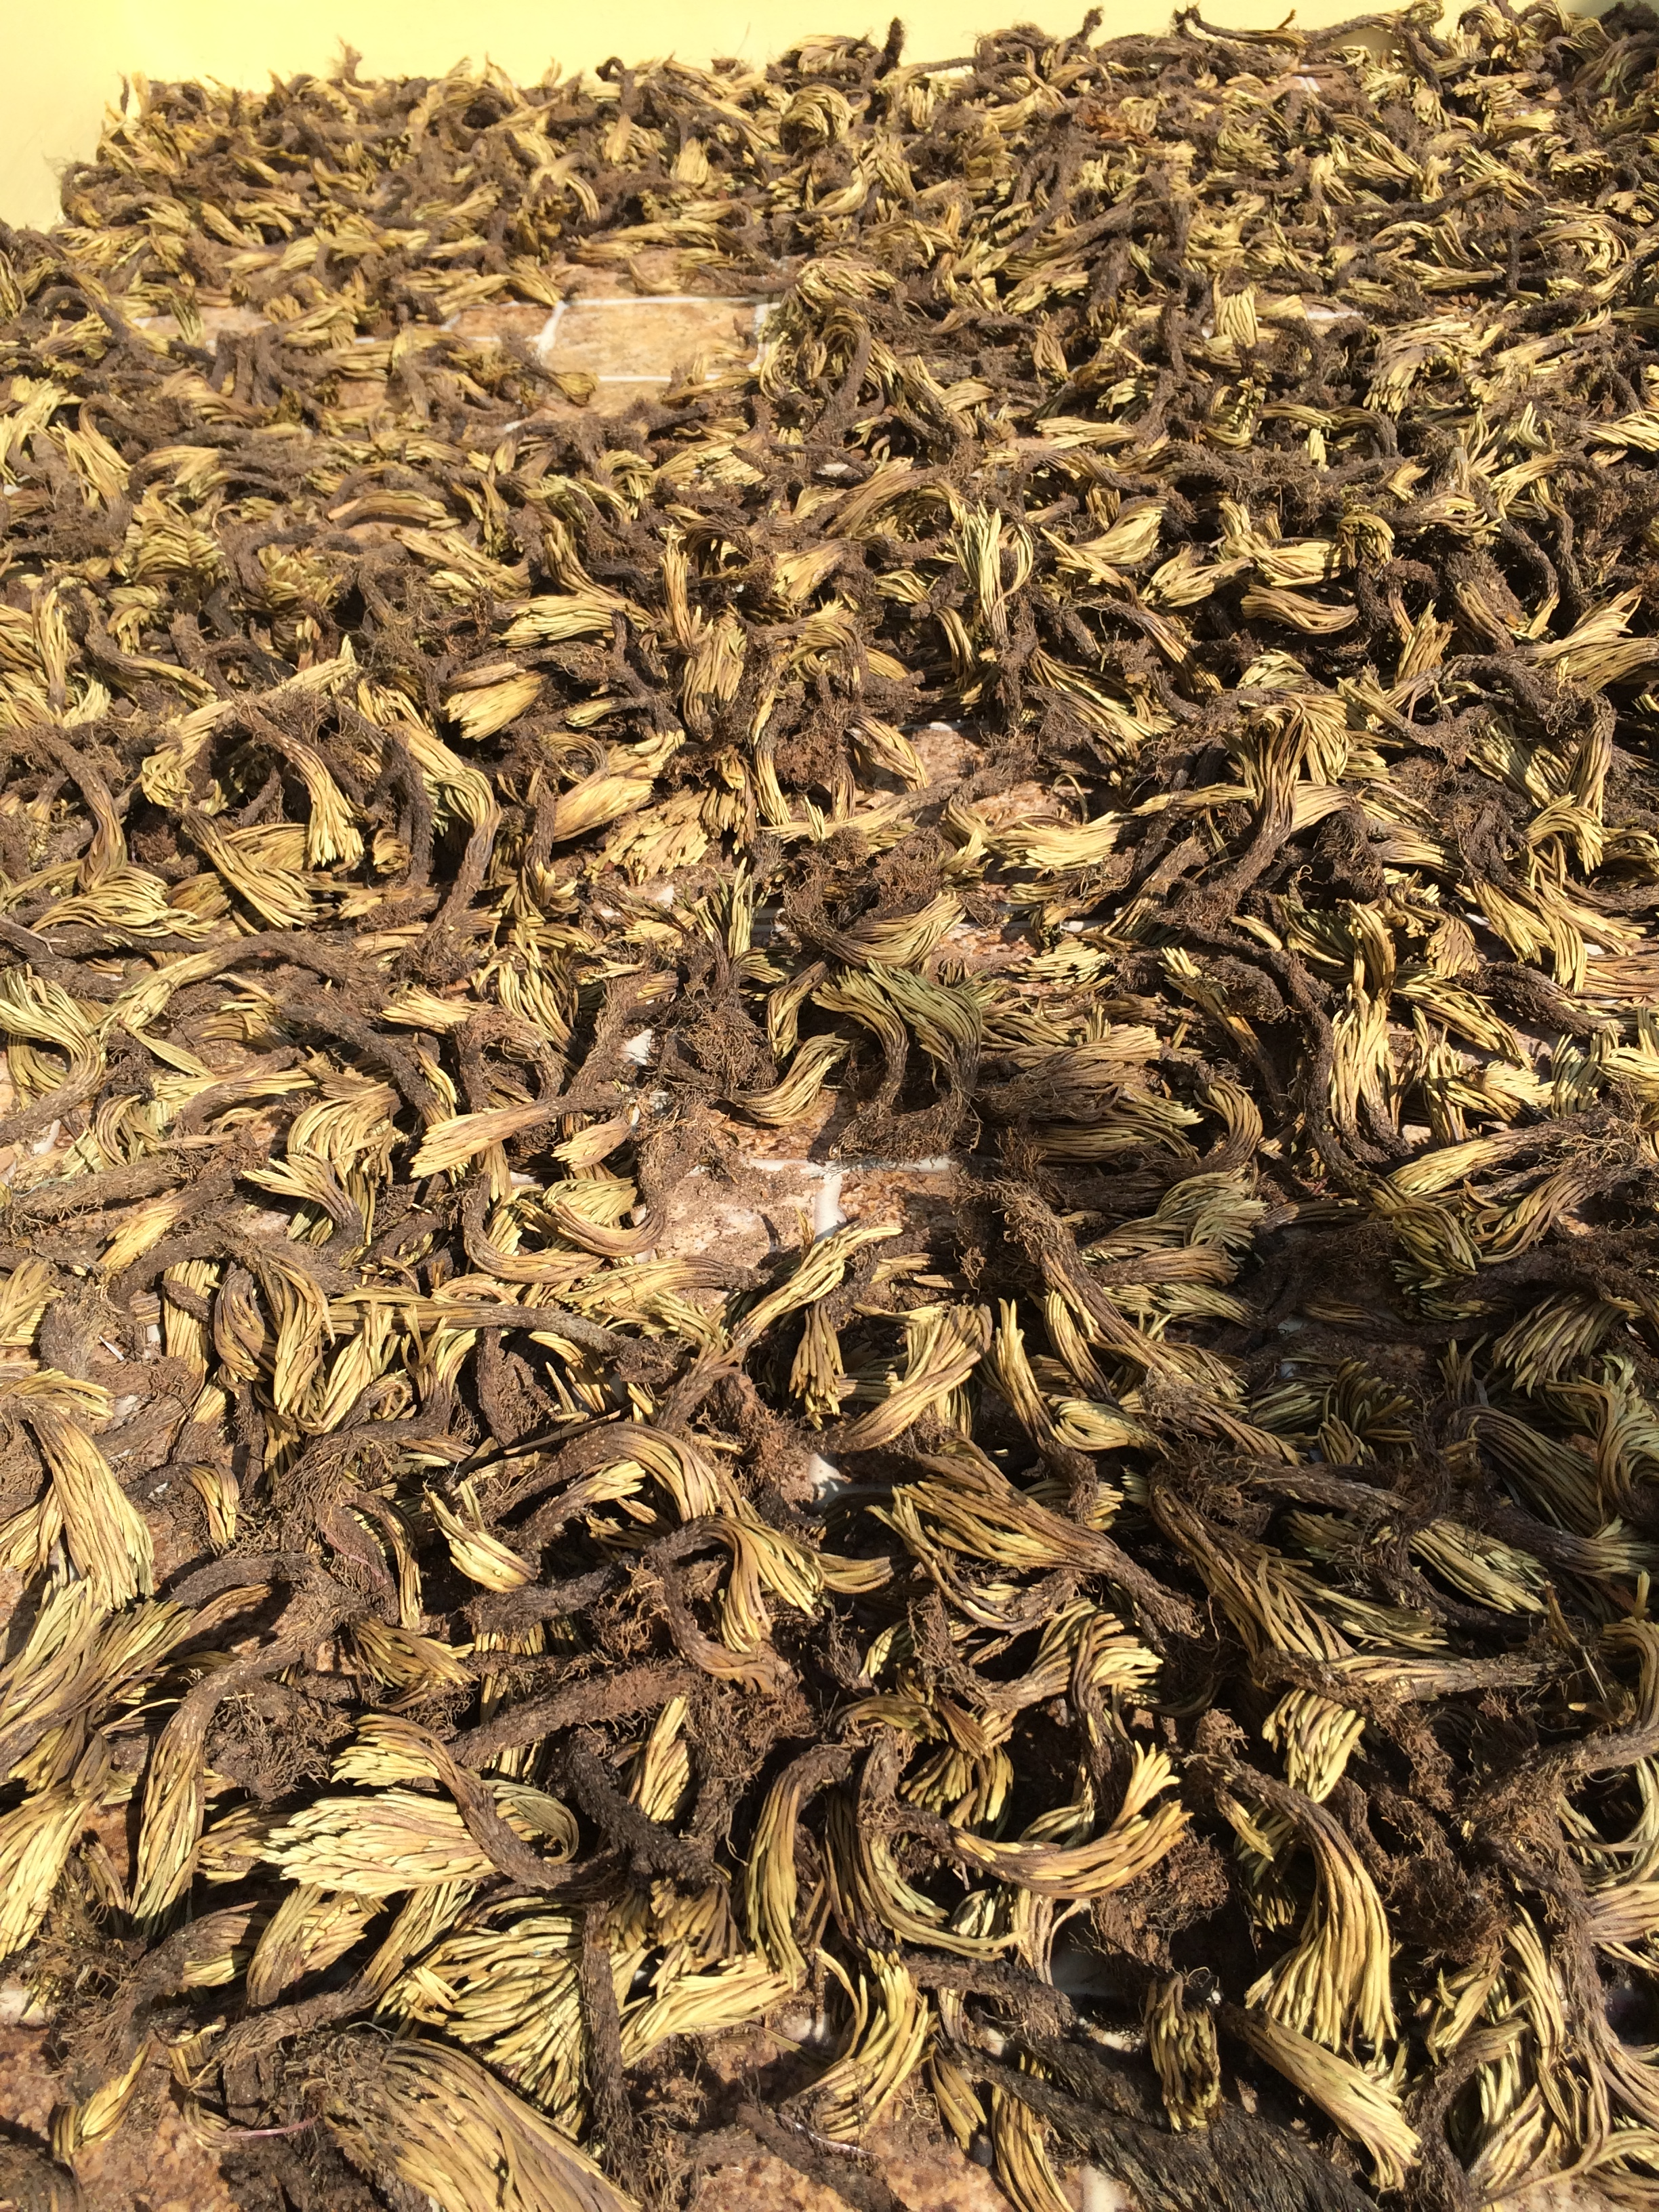 Hình ảnh cây chân vịt phơi khô